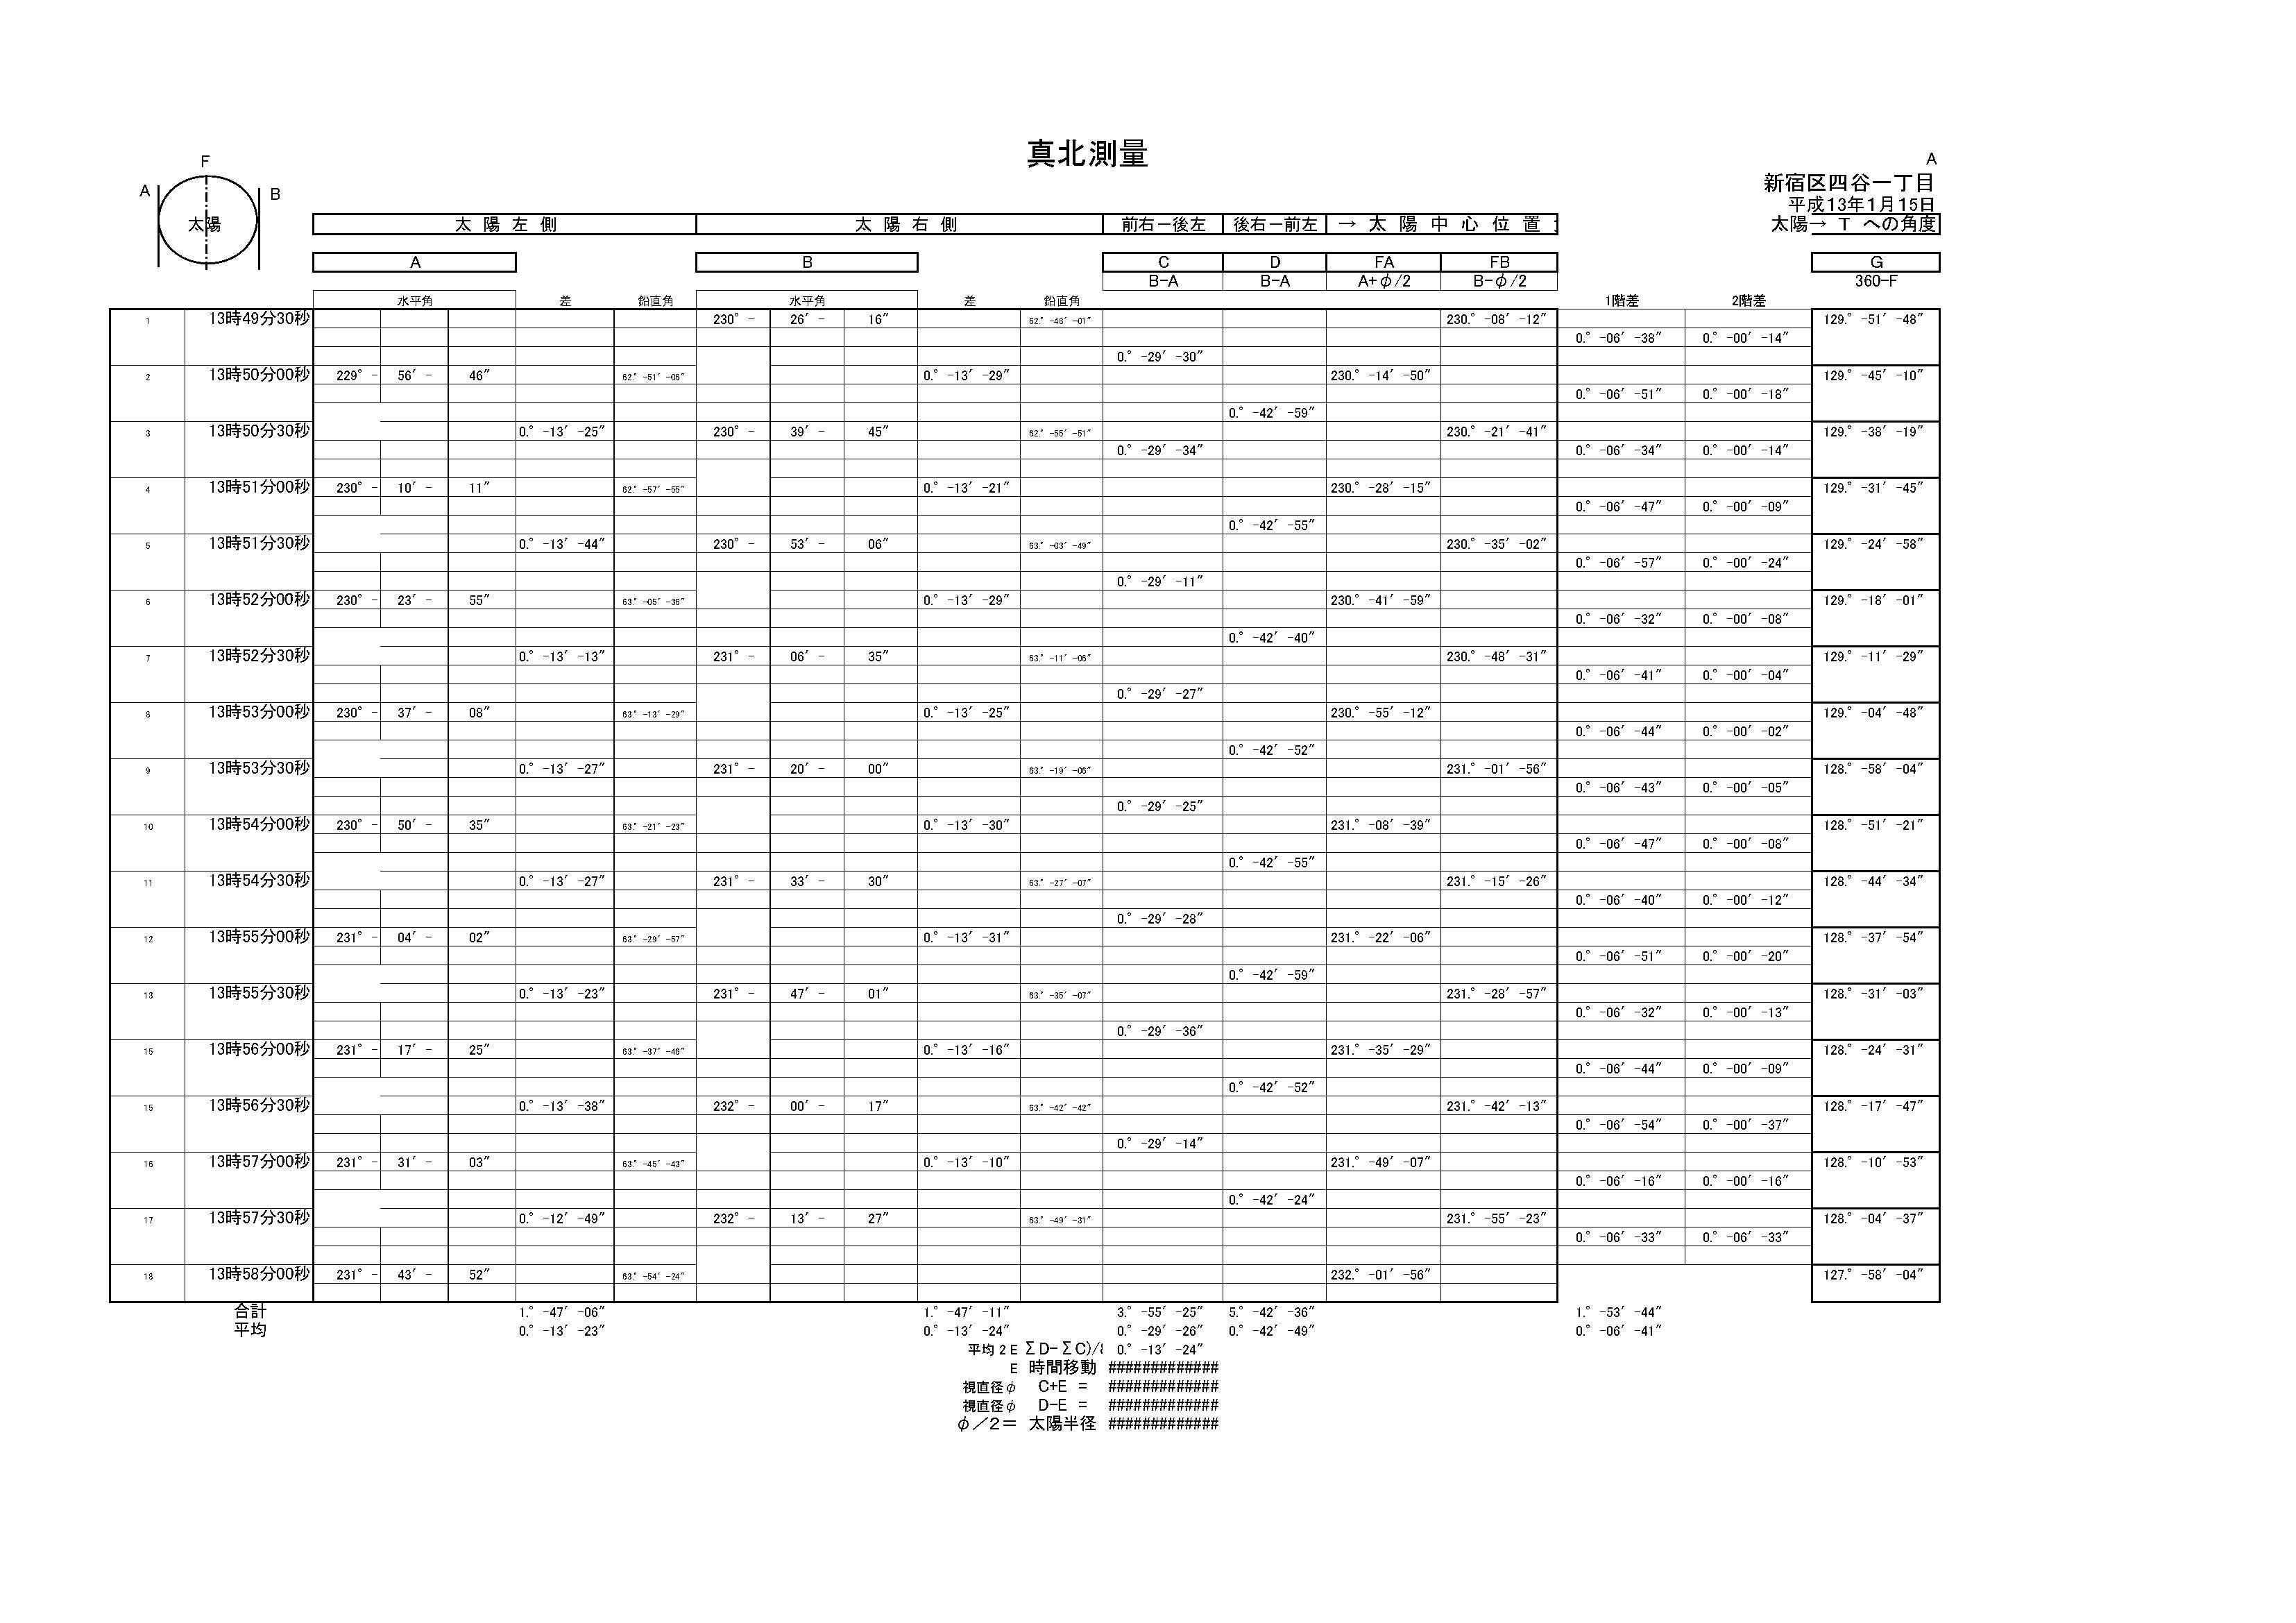 エクセルで 60進法 (真北観測簿) 角度計算表